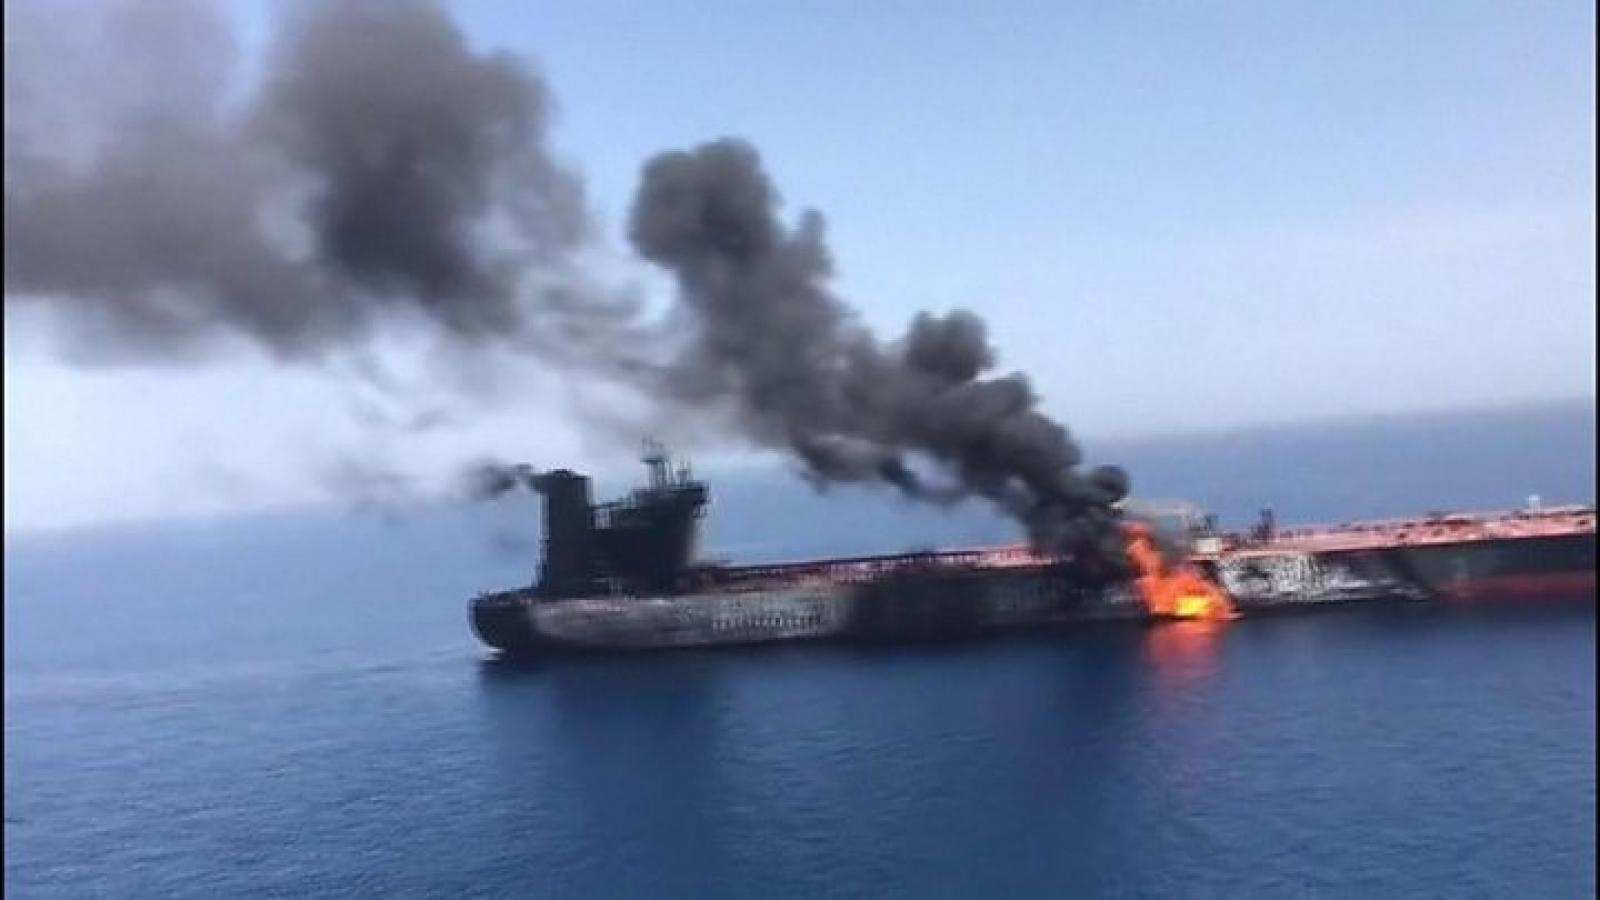 Căng thẳng mới tại vùng Vịnh: Israel nghi khả năng Iran tấn công tàu chở dầu